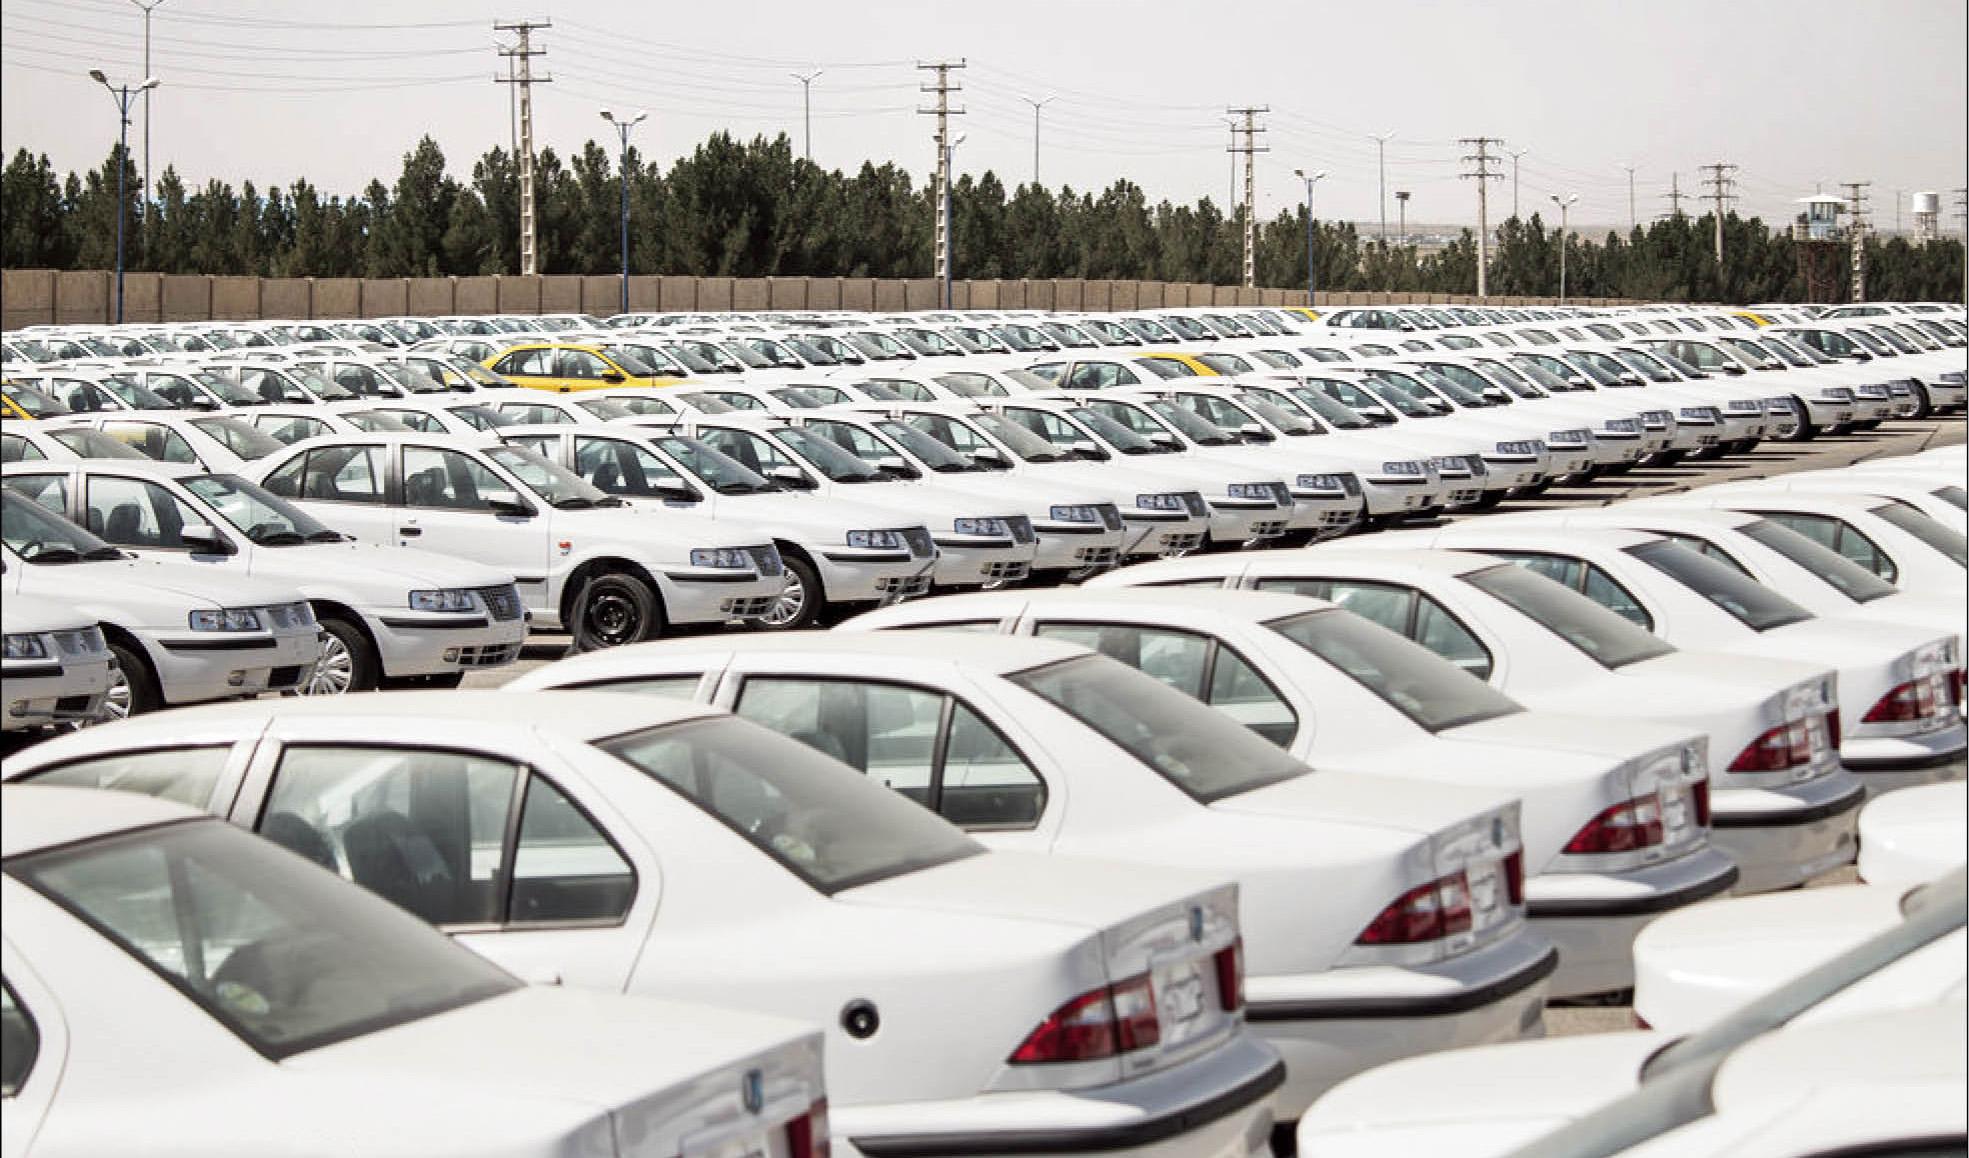 تعلیق «فروش فوقالعاده»؛ شیوه اعتراضی خودروسازان به نحوه قیمت گذاریها